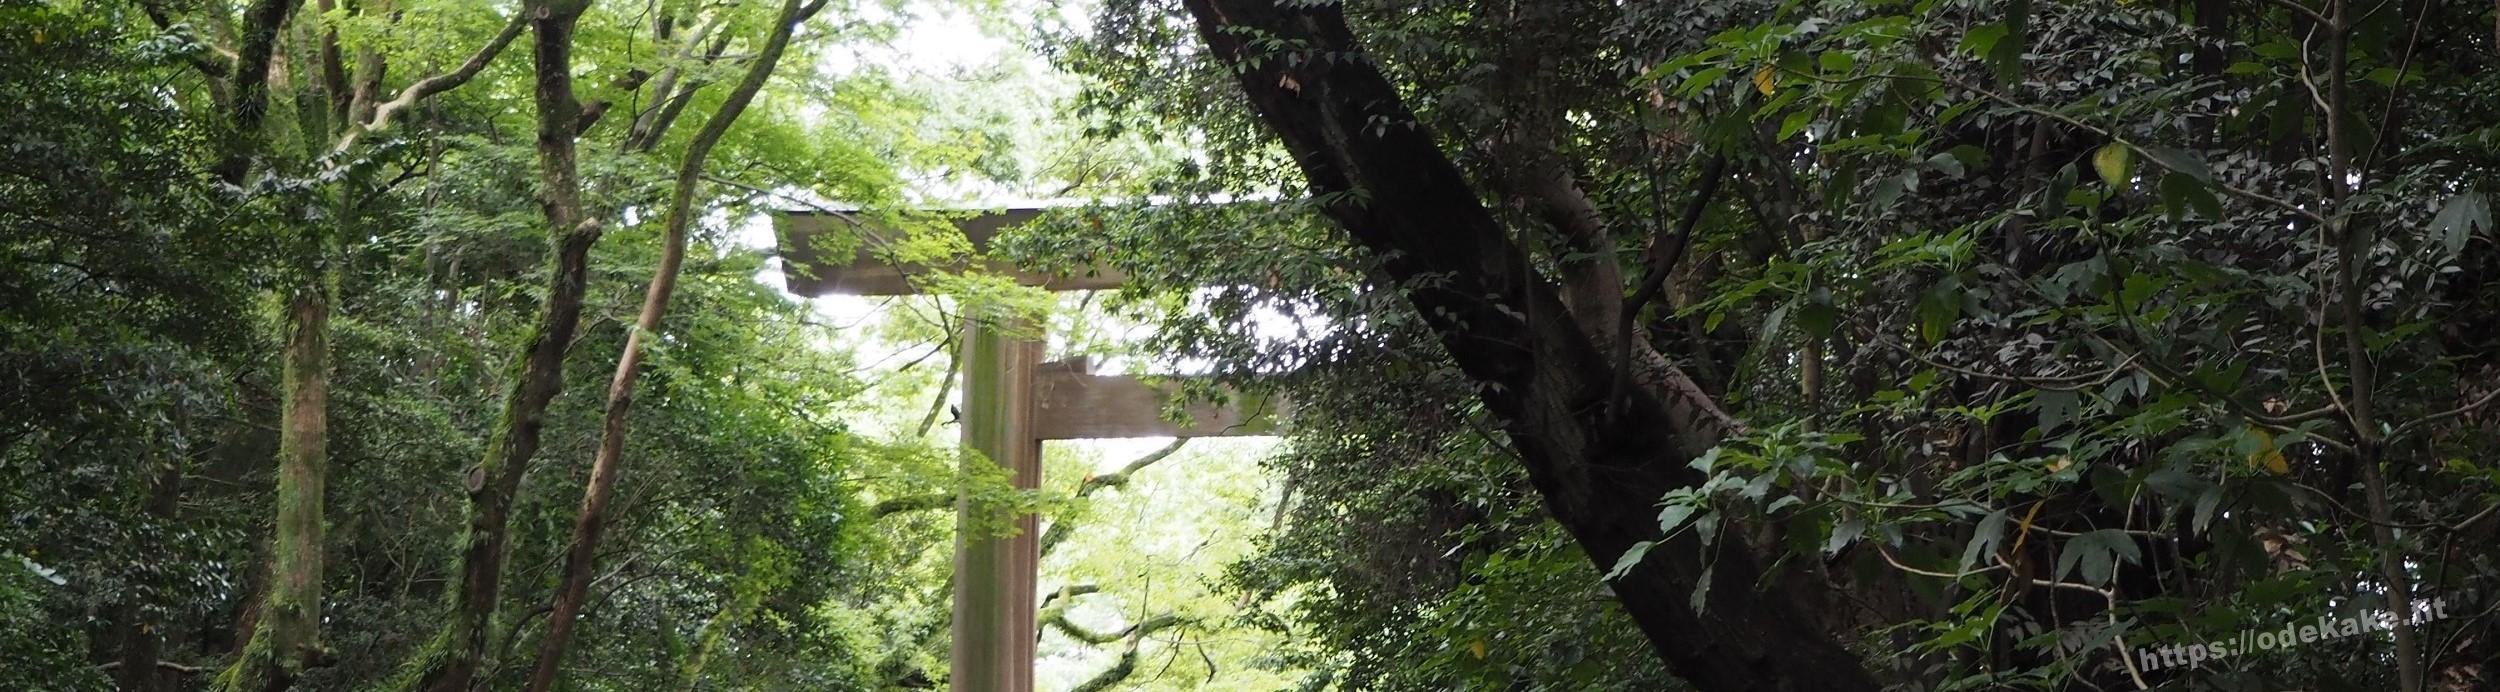 【日帰り名古屋】梅雨時の熱田神宮へお参り。神秘の森の写真集